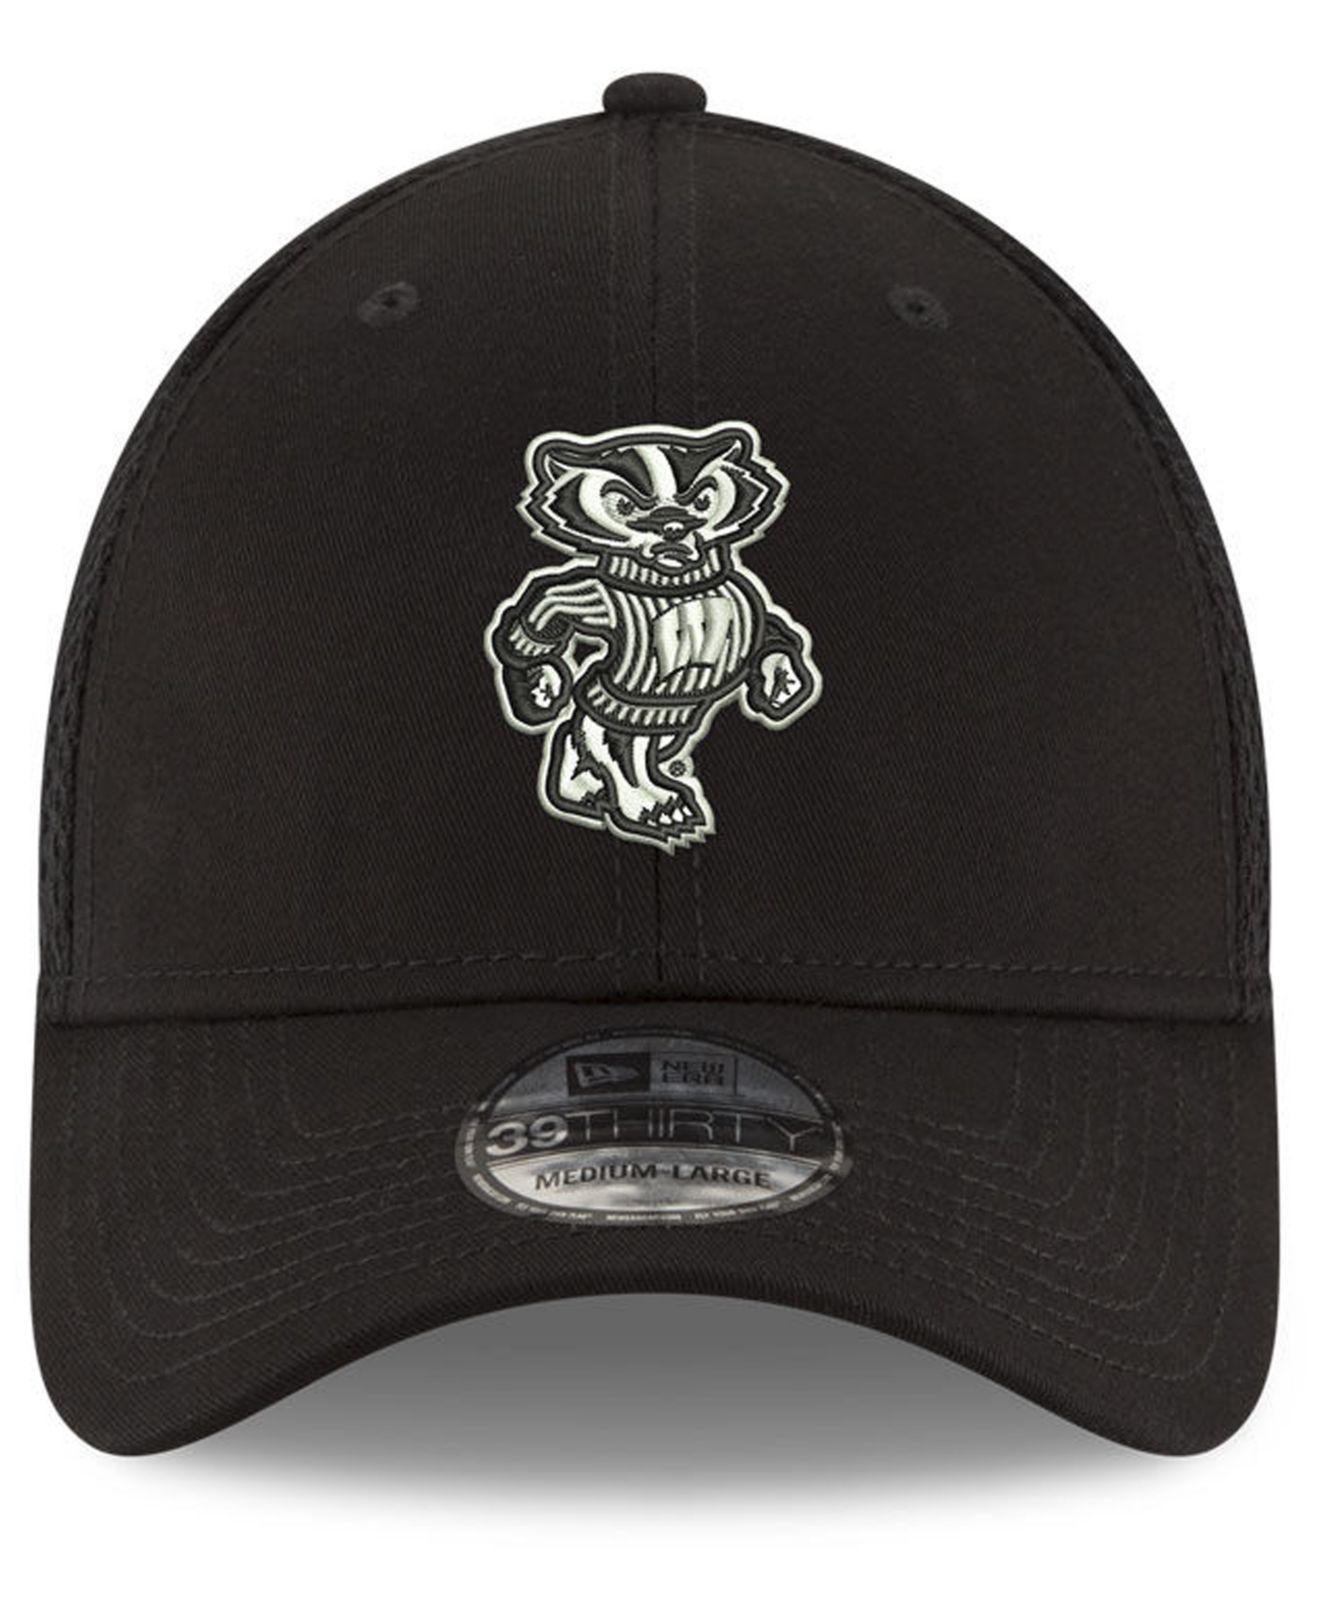 timeless design c28b9 74086 KTZ Wisconsin Badgers Black White Neo 39thirty Cap in Black for Men - Lyst